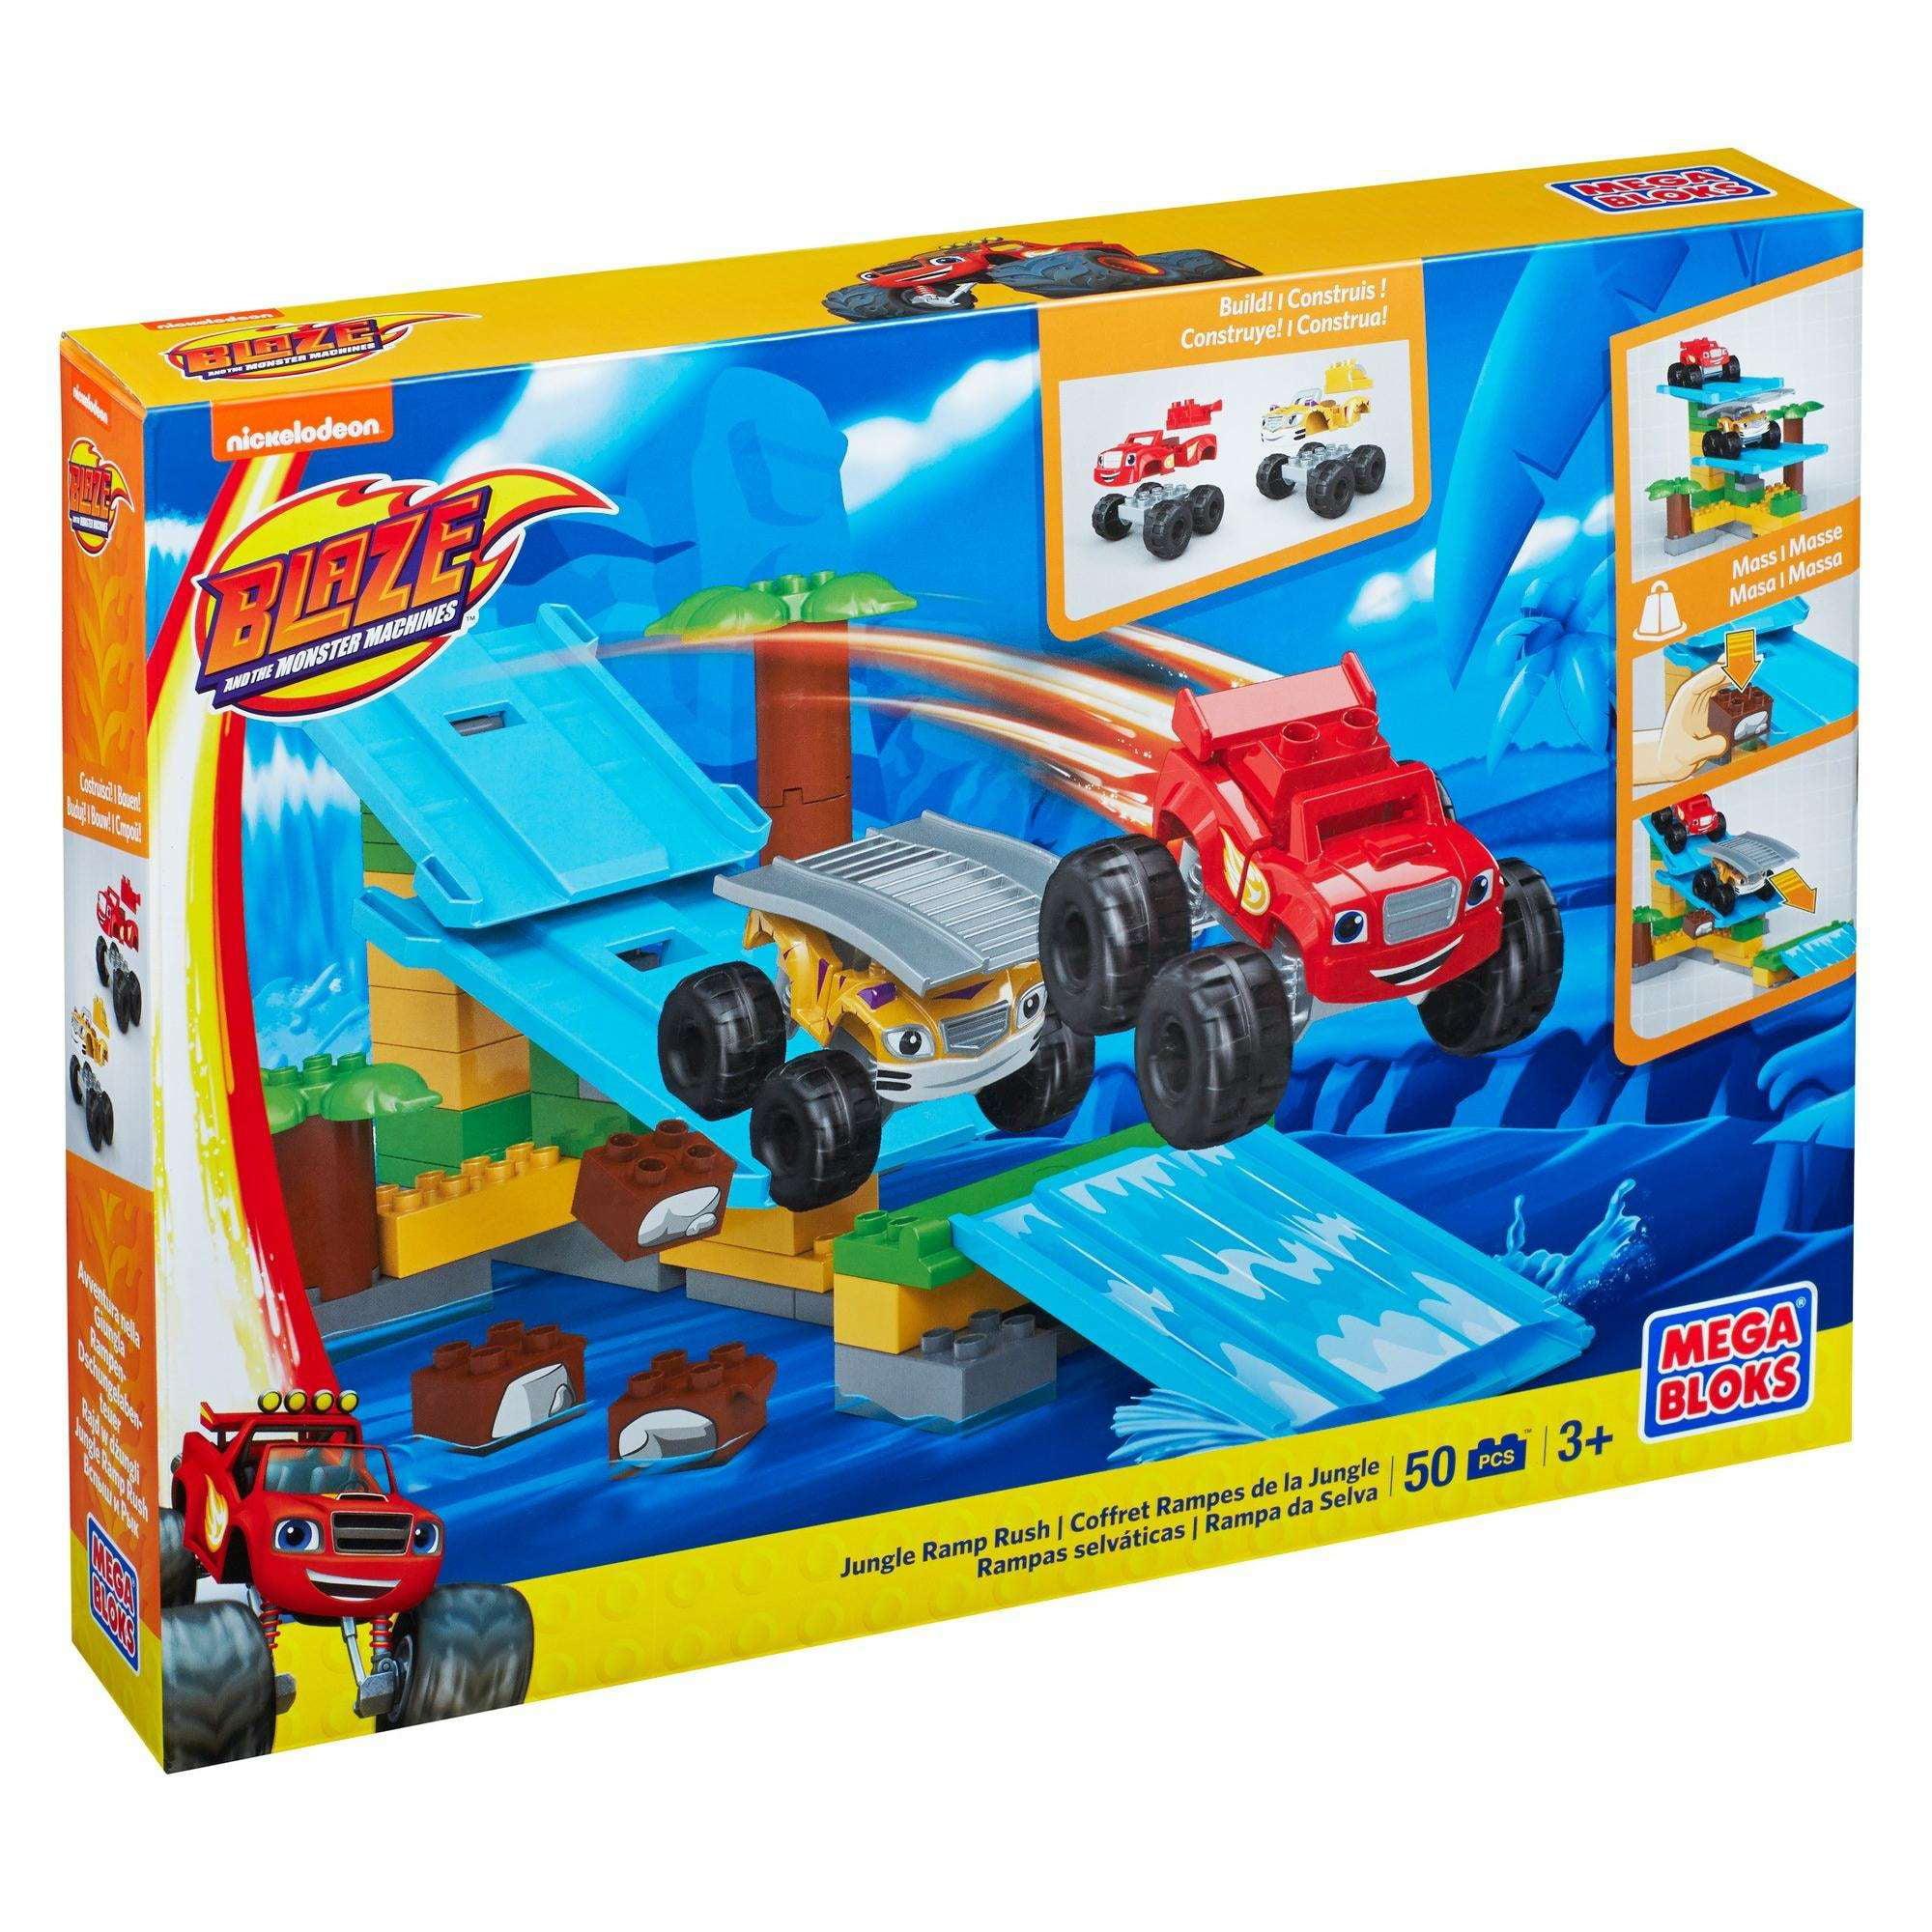 Mega Bloks Nickelodeon Blaze And The Monster Machines Jungle Ramp Rush Walmart Com Walmart Com